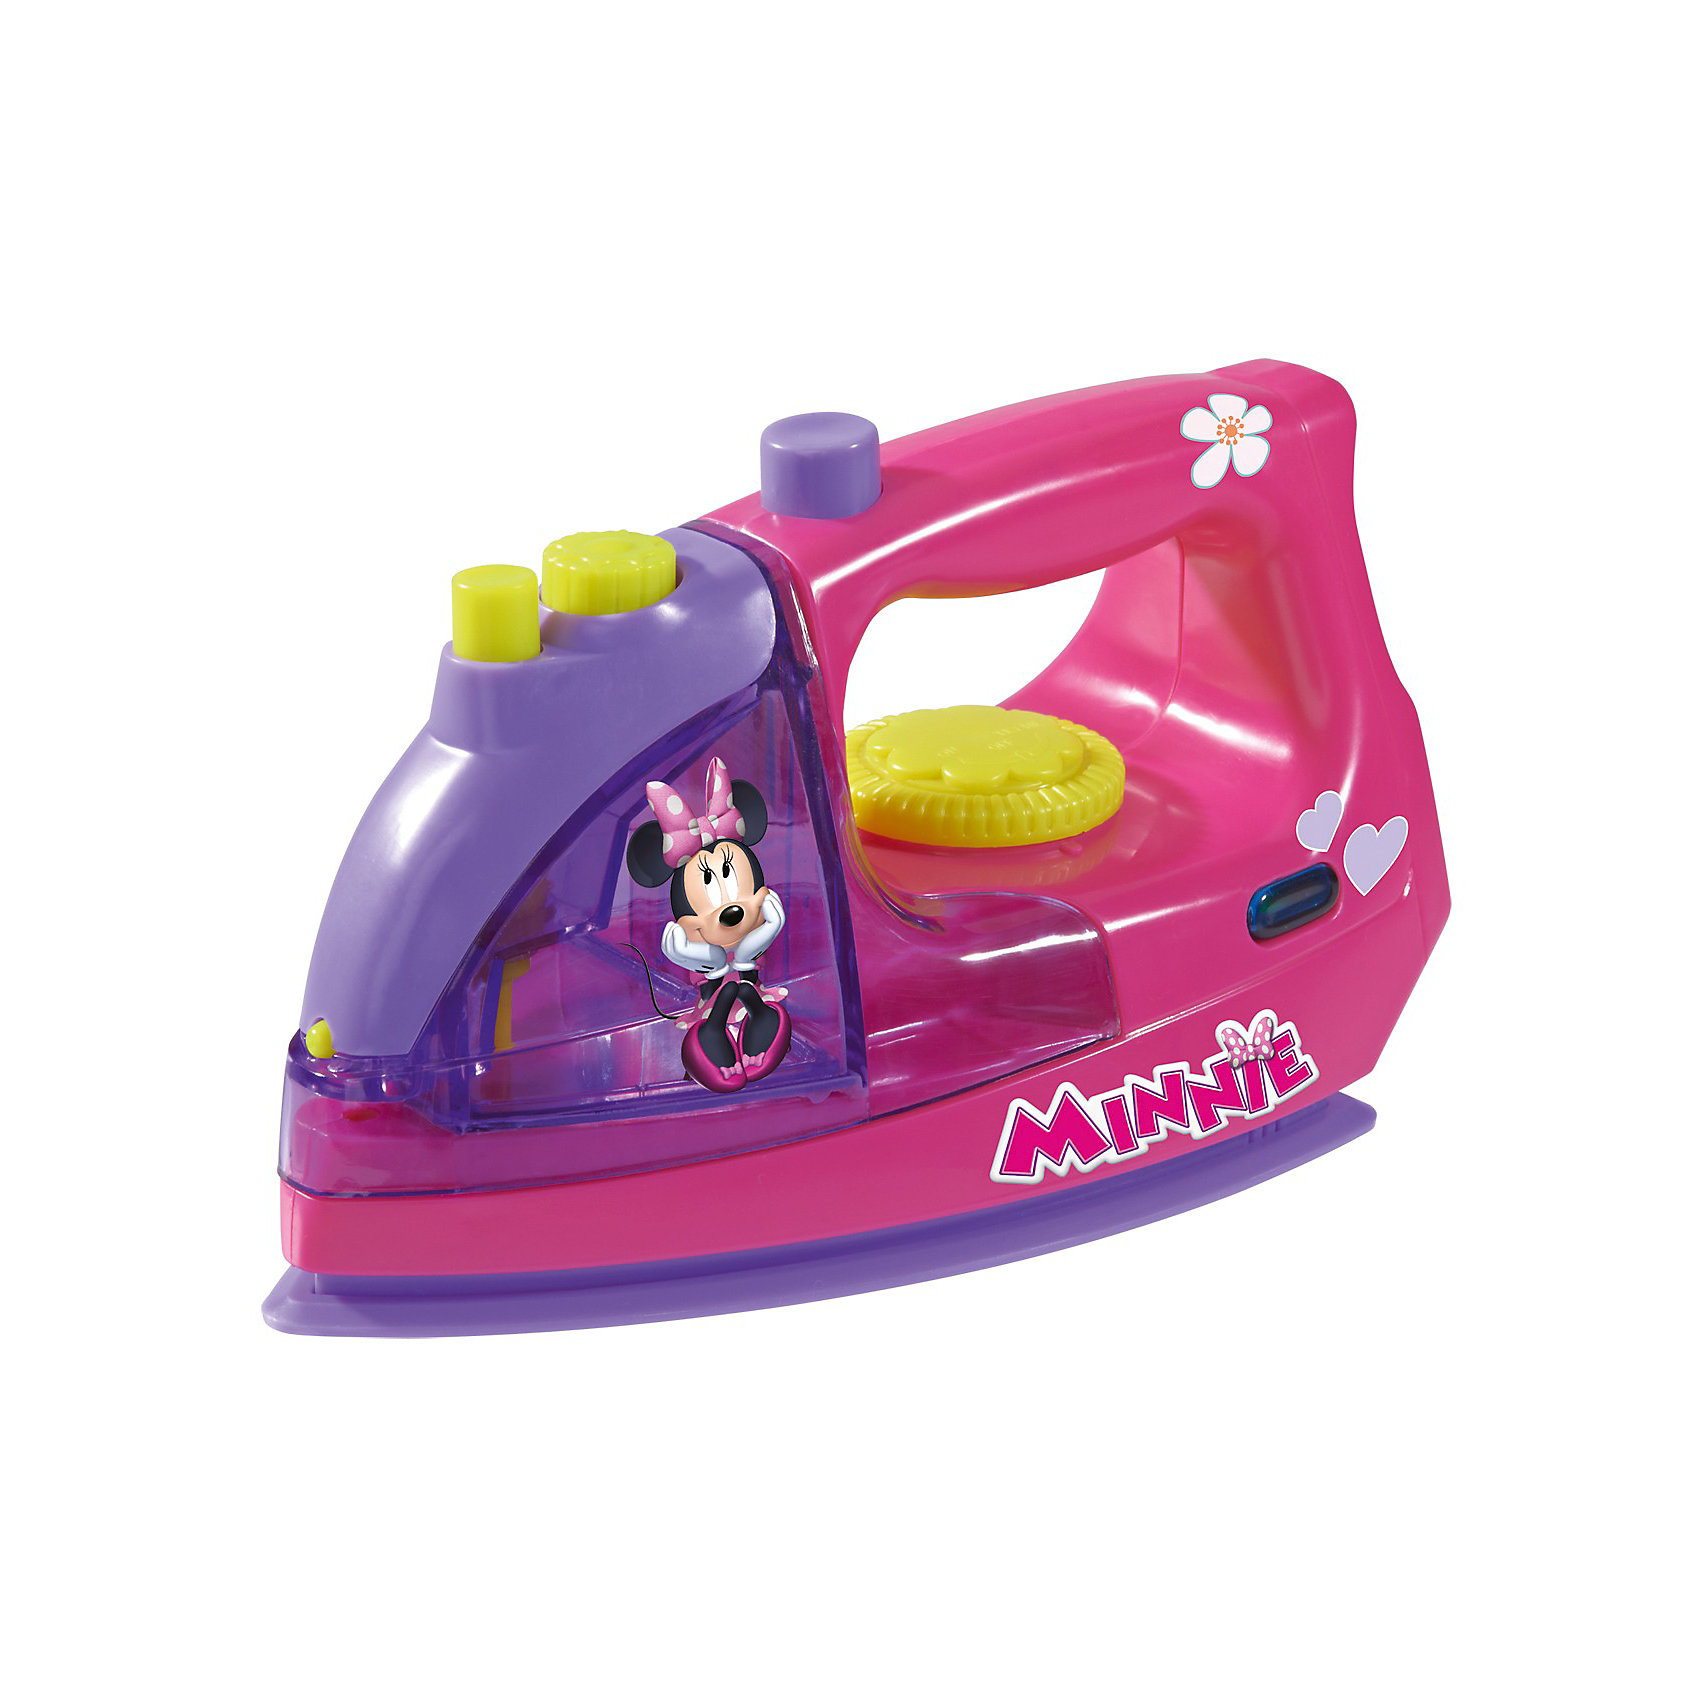 Утюг с водой Minnie Mouse, 18 см, SimbaМинни Маус<br>Утюг с водой Minnie Mouse, 18 см, Simba (Симба).<br><br>Характеристика:<br><br>• Материал: пластик. <br>• Размер утюга: 18 см. <br>• Вес: 0,4 кг. <br>• Емкость для воды (можно наливать воду). <br>• Подвижное колесико регулятора температуры. <br>• Издает звук шипения и нагрева. <br>• Элемент питания: 2 АА батарейки (не входят в комплект). <br>• Яркий привлекательный дизайн. <br><br>Яркий утюг с изображением очаровательной Минни Маус обязательно понравится любой девочке. Утюг отлично детализирован и выглядит как настоящий: есть подвижный регулятор температуры, емкость для воды, при нажатии на кнопку раздается шипение (как при включении пара). Игрушка выполнена из высококачественного гипоаллергенного пластика, в производстве которого использованы только безопасные нетоксичные красители. Отличный вариант для вашею юной хозяйки!<br><br>Утюг с водой Minnie Mouse, 18 см, Simba (Симба), можно купить в нашем интернет-магазине.<br><br>Ширина мм: 220<br>Глубина мм: 105<br>Высота мм: 128<br>Вес г: 800<br>Возраст от месяцев: 36<br>Возраст до месяцев: 72<br>Пол: Женский<br>Возраст: Детский<br>SKU: 3159680